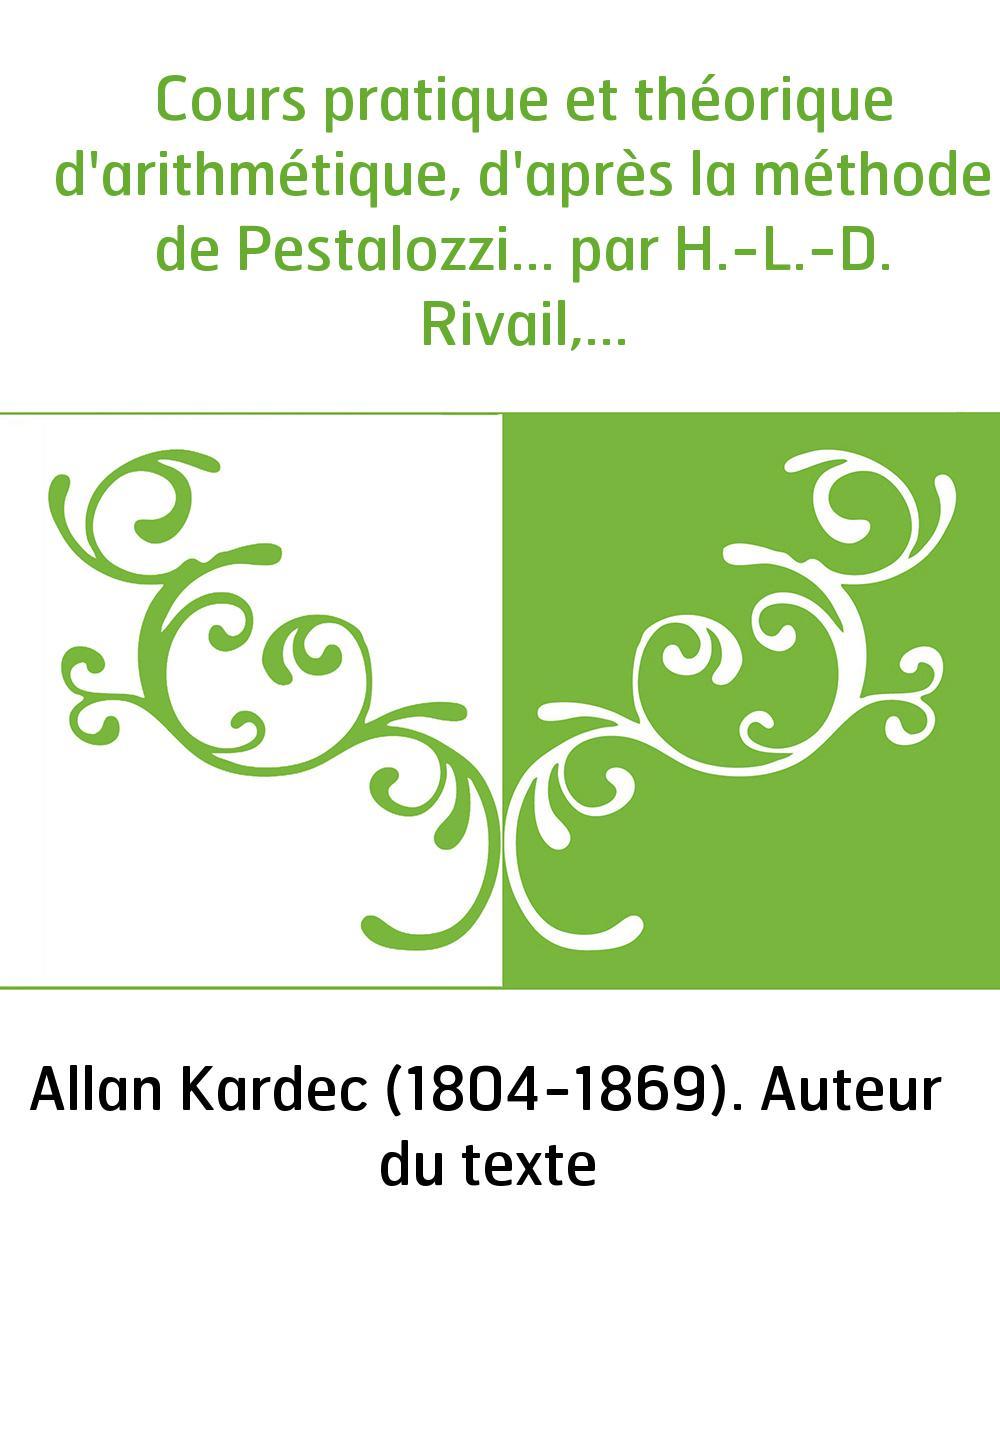 Cours pratique et théorique d'arithmétique, d'après la méthode de Pestalozzi... par H.-L.-D. Rivail,...